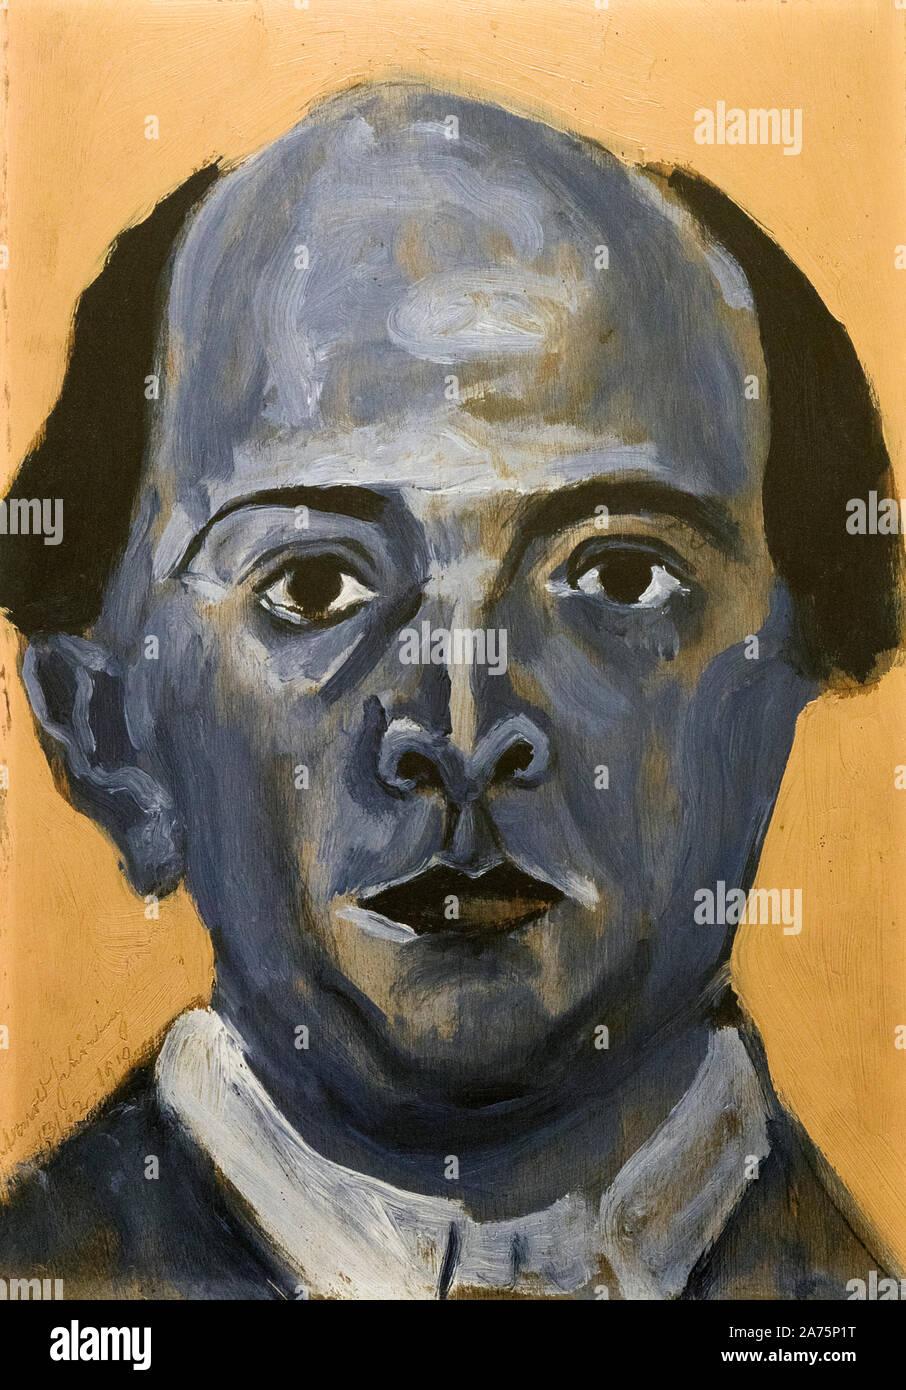 Arnold Schoenberg, Blu Self Portrait. Arnold Schoenberg, 1874 - 1951. Nato austriaco compositore americano e artista. Esposte in Malaga il ramo di Foto Stock